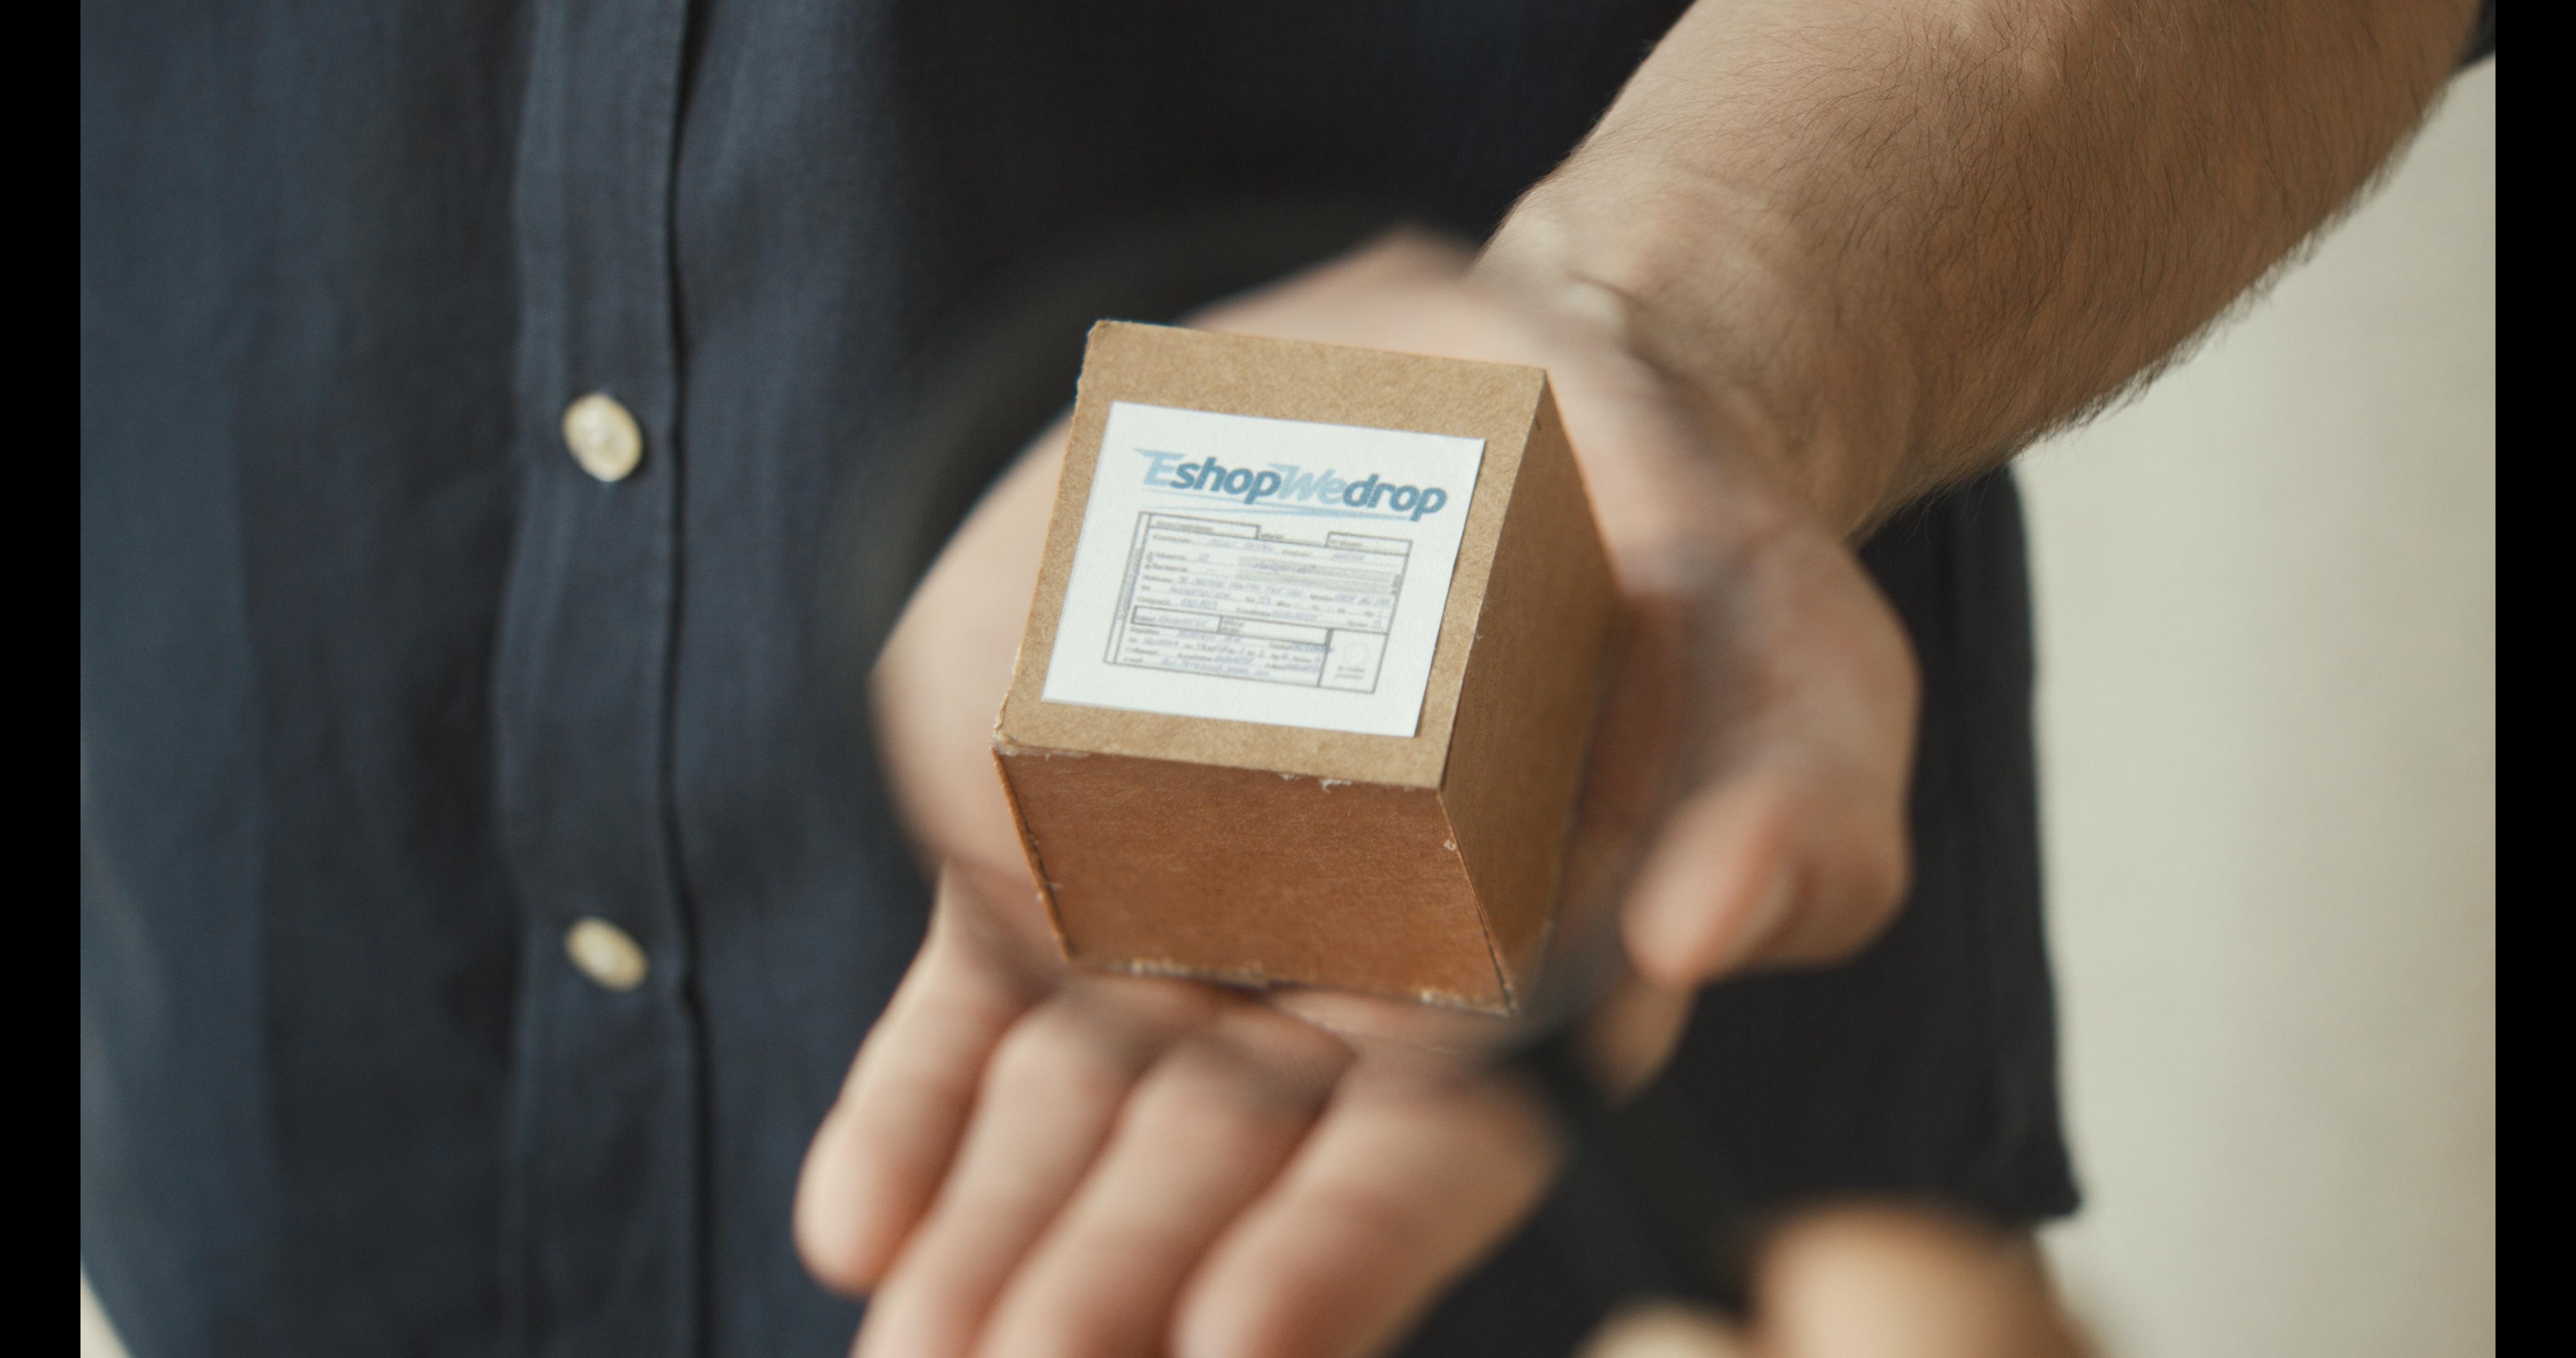 EshopWedrop face livrări cross-border pentru Flubit.com